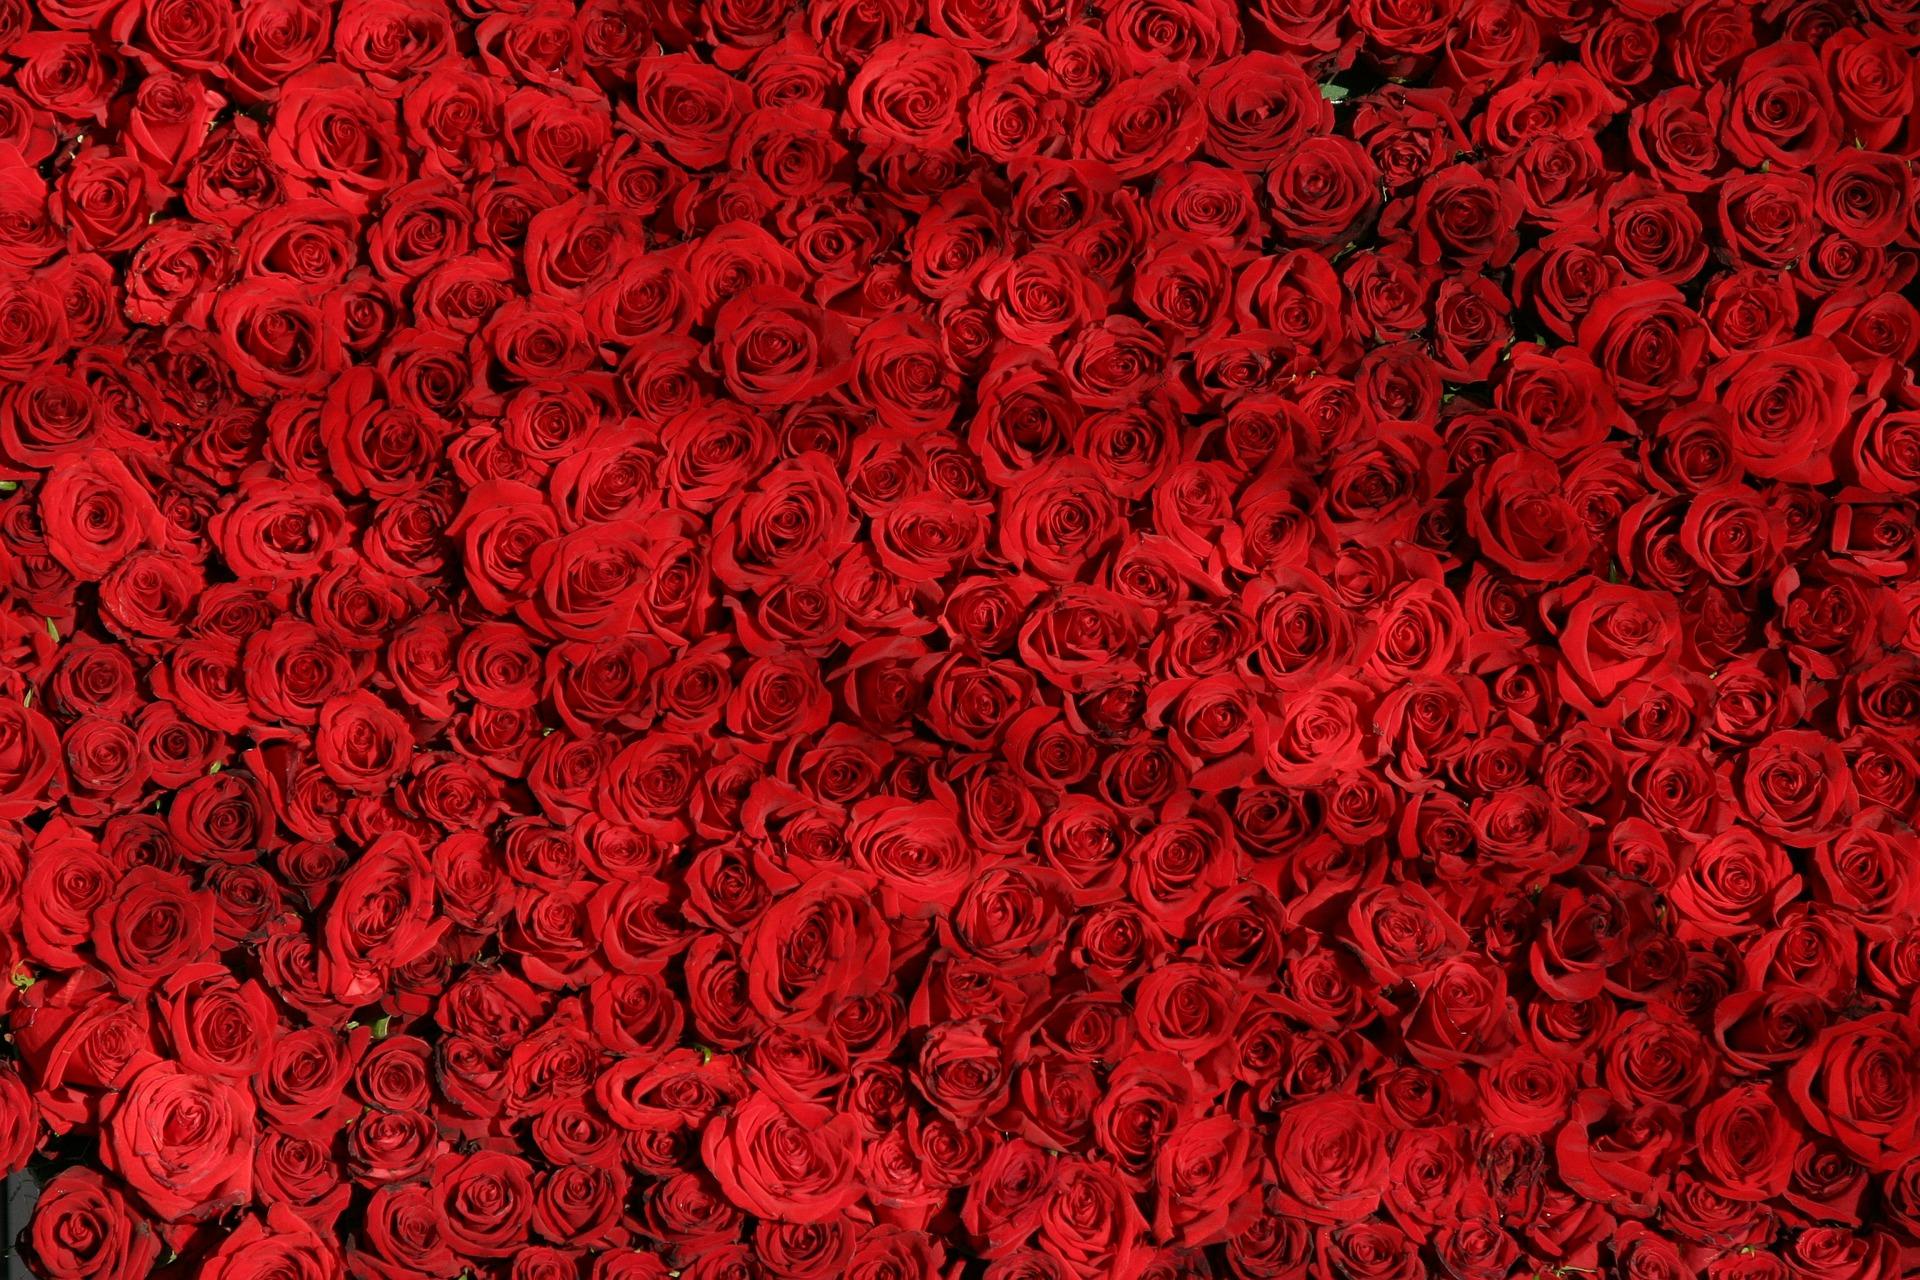 tapis-de-roses-rouges_saint-valentin